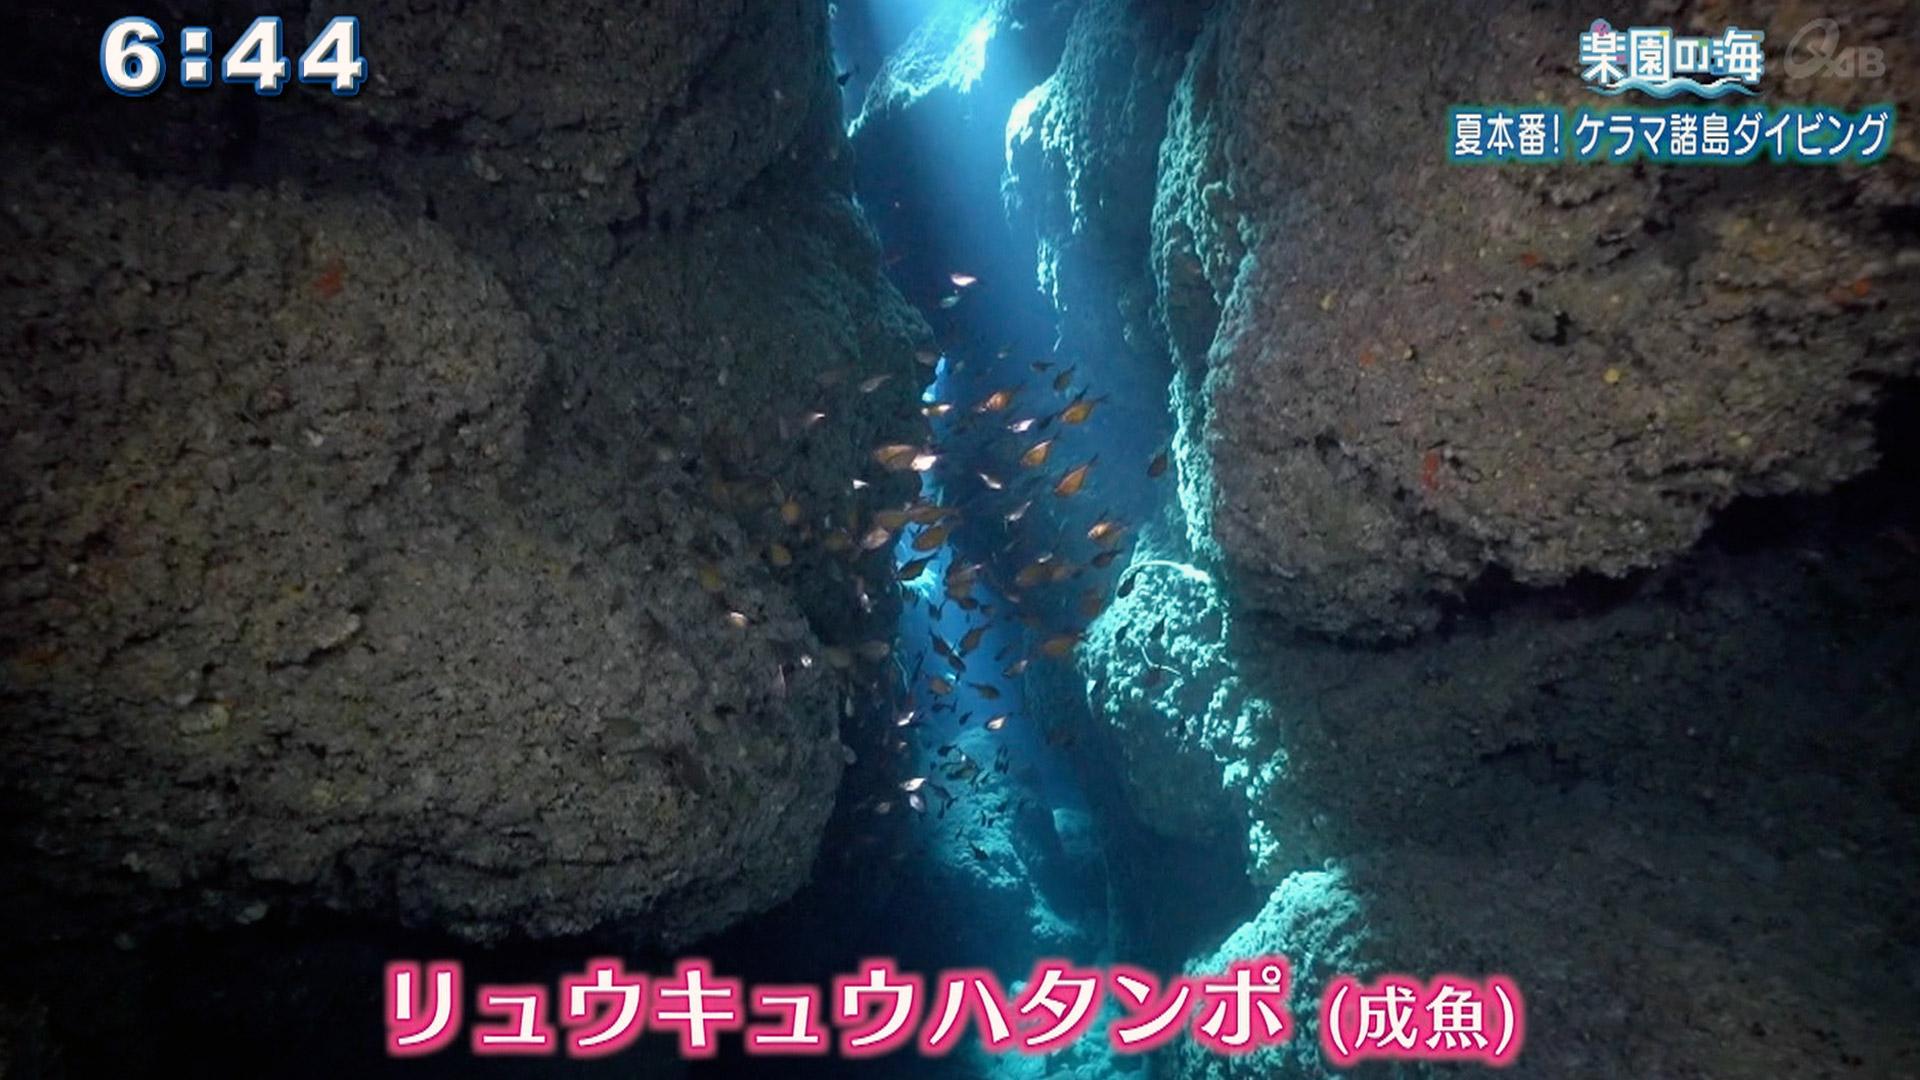 楽園の海 夏本番!ケラマ諸島ダイビング